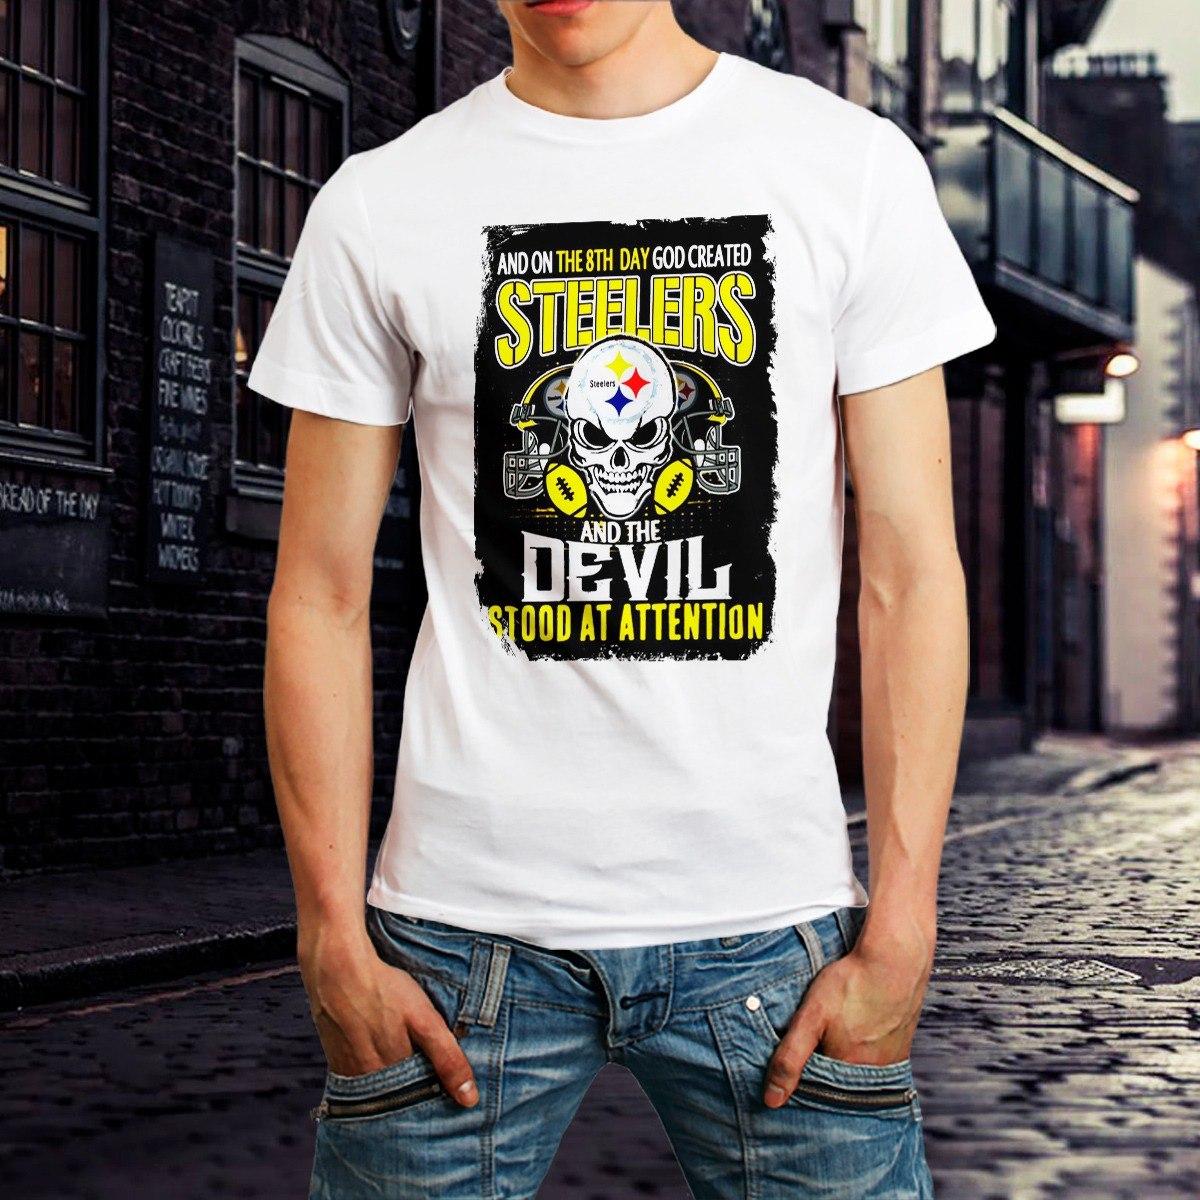 e3213e6e0c camiseta nfl steelers camisa futebol americano roupa homem. Carregando zoom.